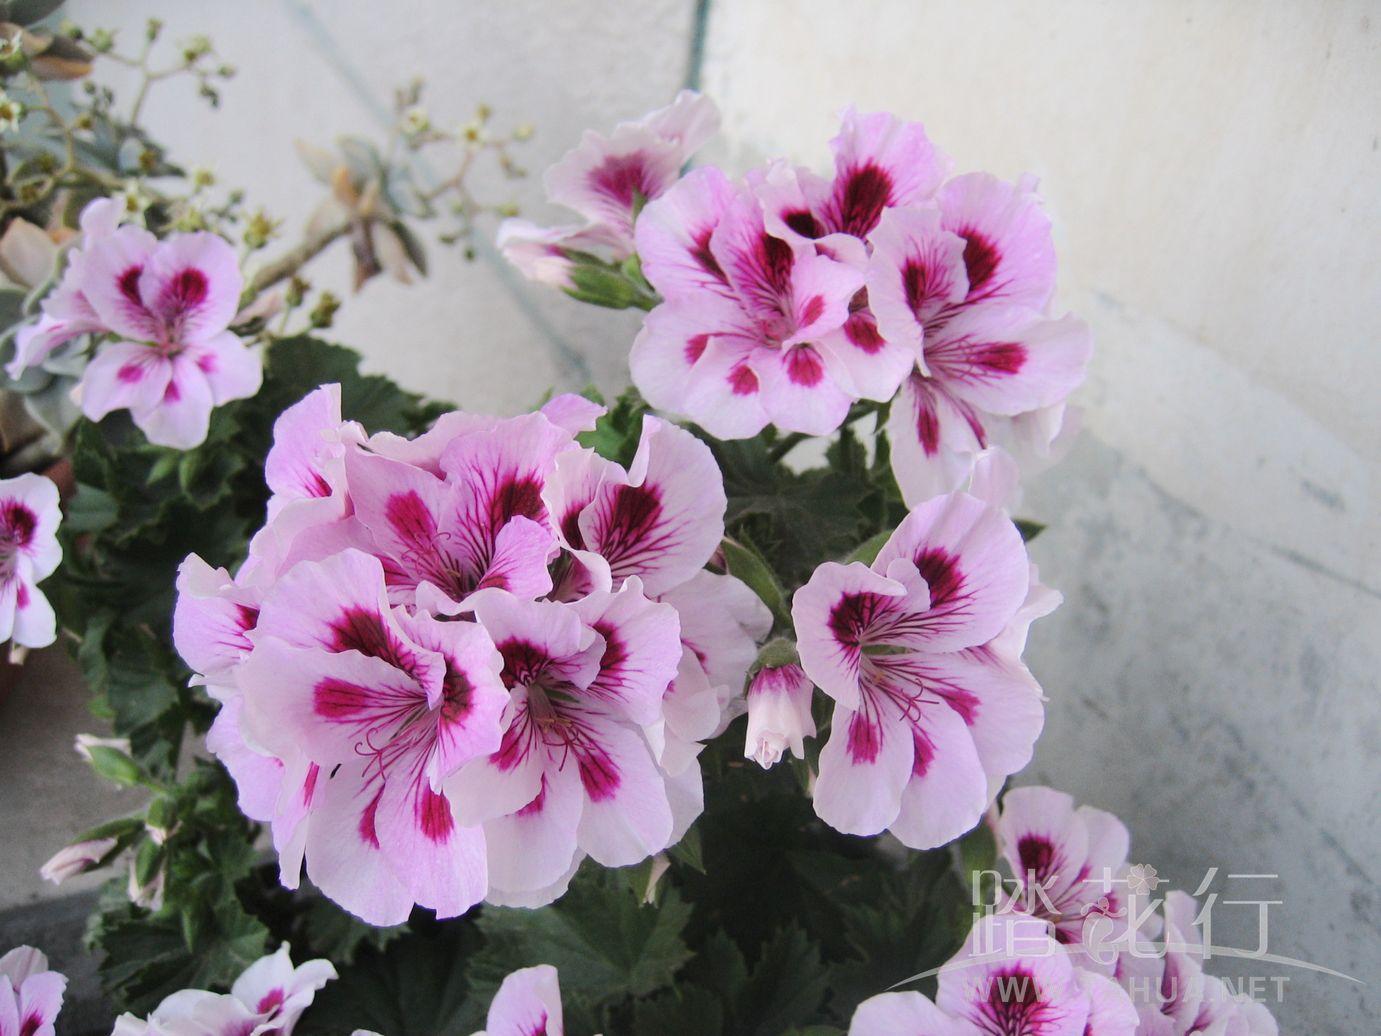 丁香3紫姬.jpg